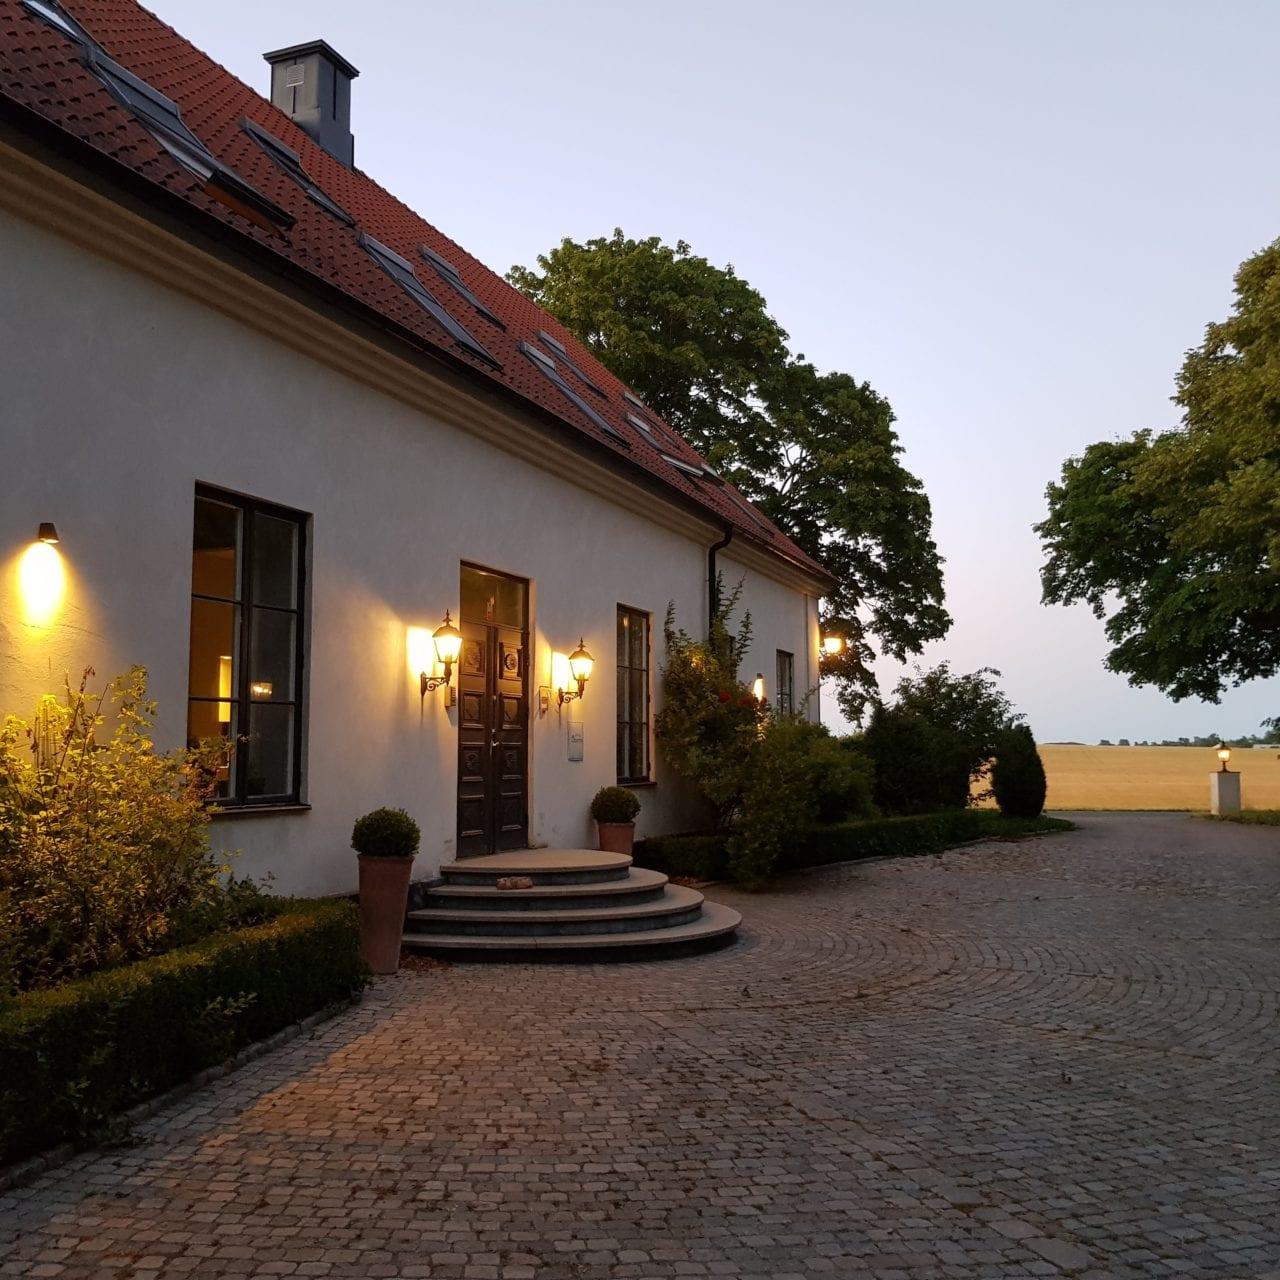 Stay at Örum 119 - Österlen